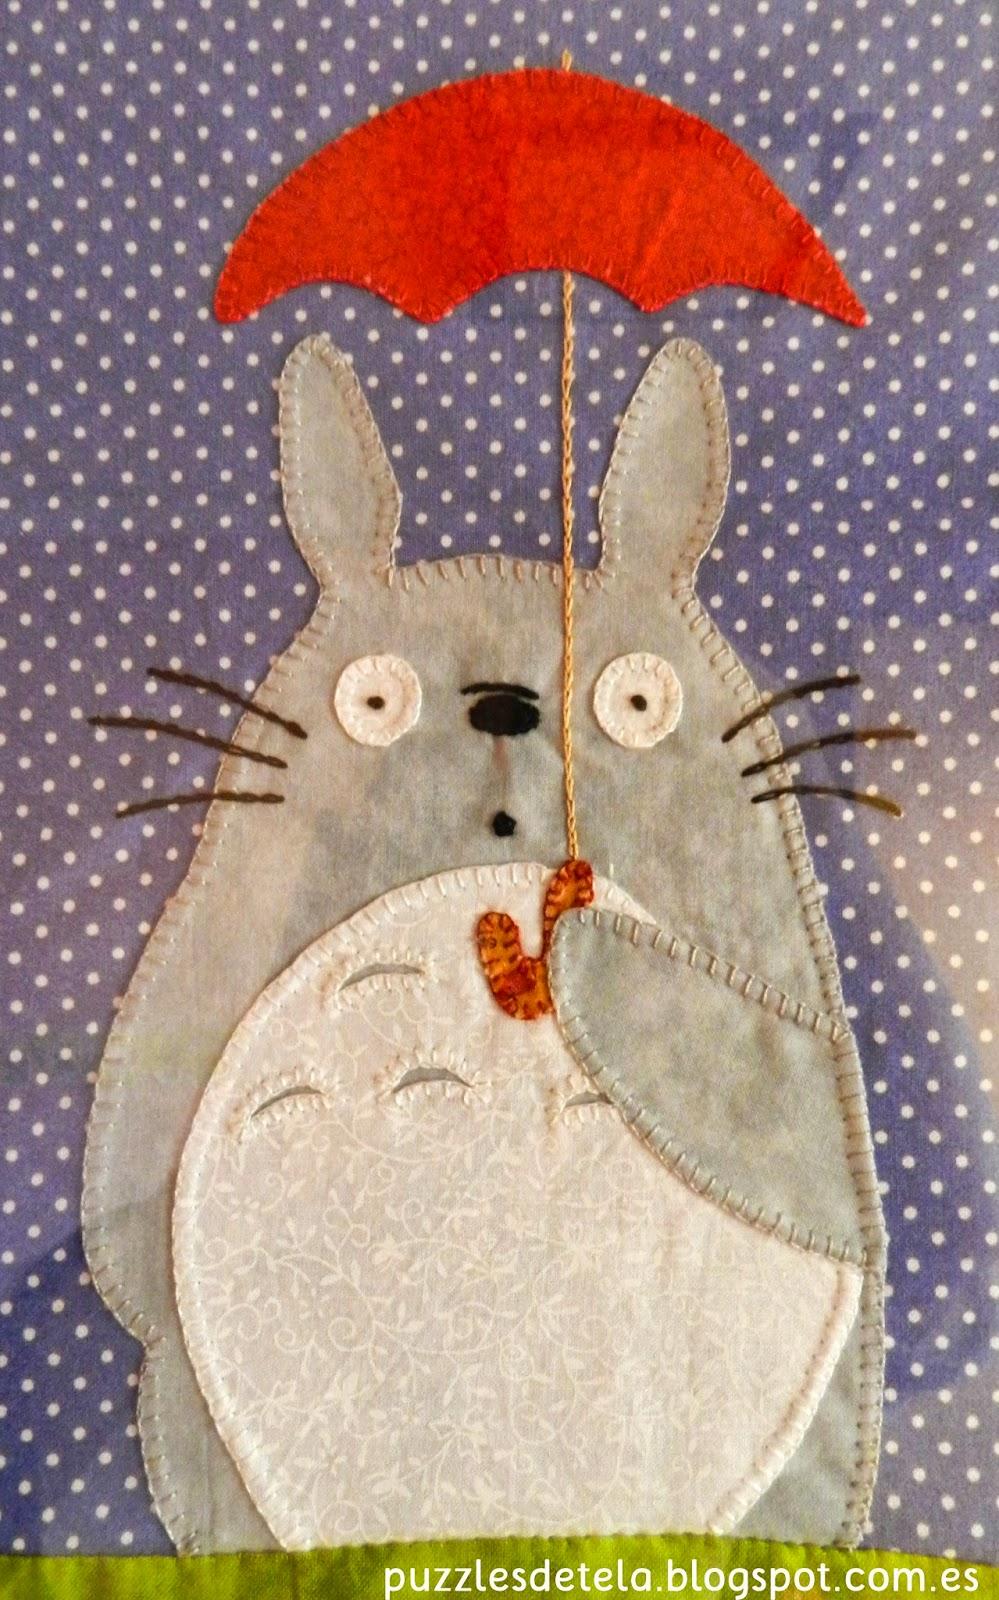 Puzzles de tela, patchwork, Totoro, Mi Vecino Totoro, Salón del Cómic, cuadros de patchwork, decoración patchwork,